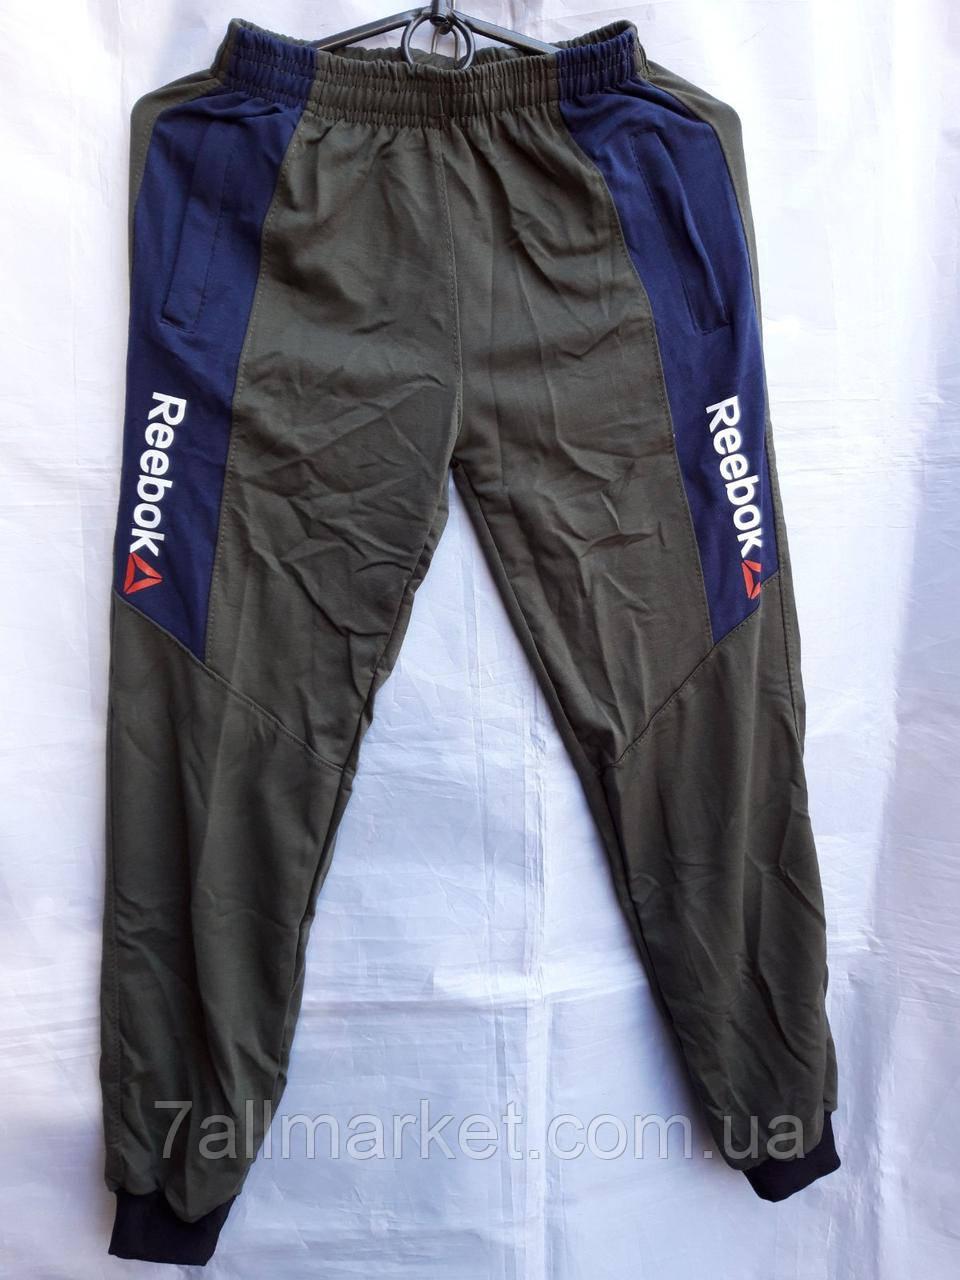 """Спортивные штаны  подросток REEBOK,(4цв.) размеры 36-44 """"WELL"""" недорого от прямого поставщика"""